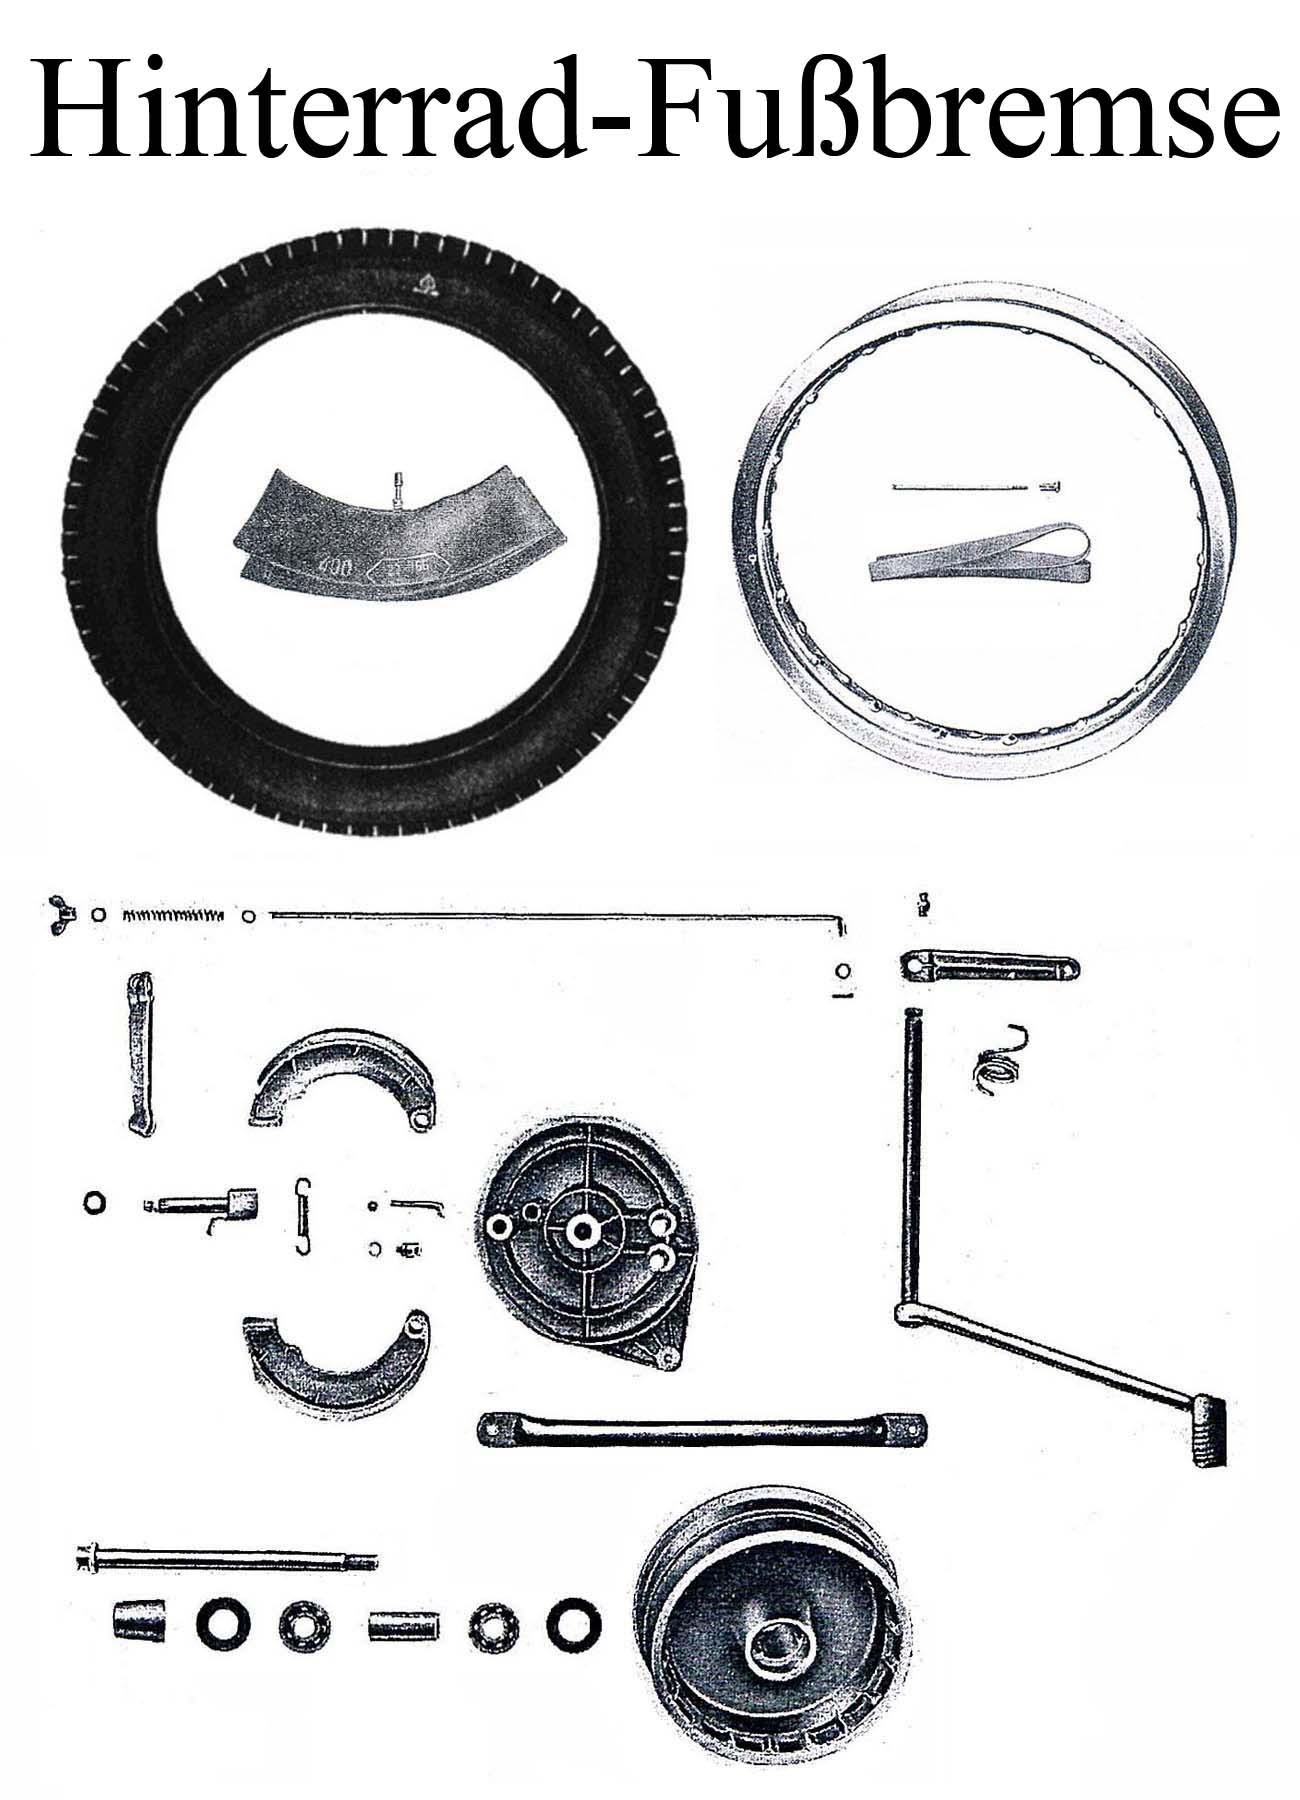 DDR-Motorrad MZ ES 175-250/0-1 Ersatzteileliste Hinterrad 16 Zoll Reifen Speichen Felge Fußbremshebel Bremsbacken